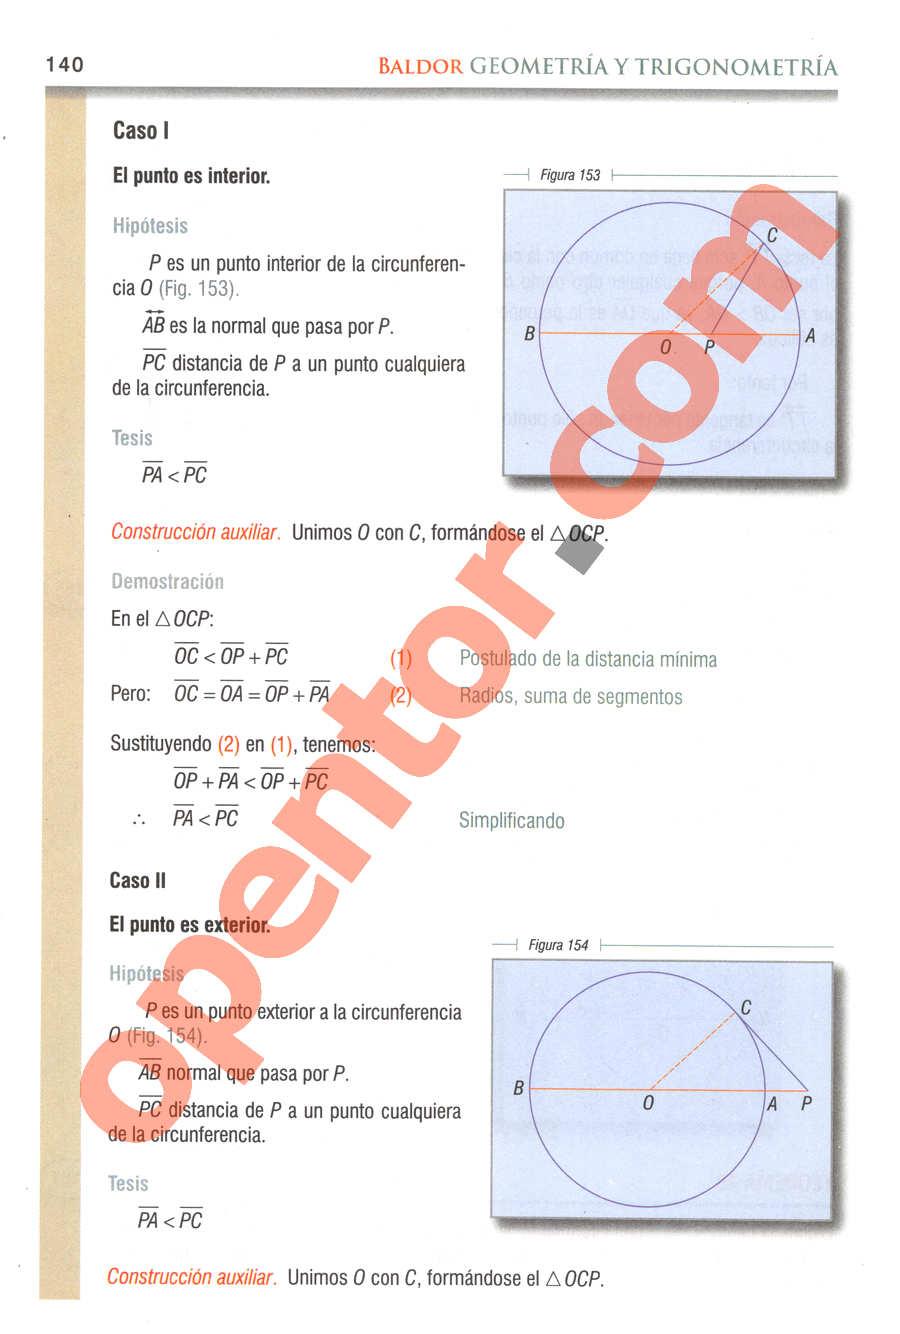 Geometría y Trigonometría de Baldor - Página 140